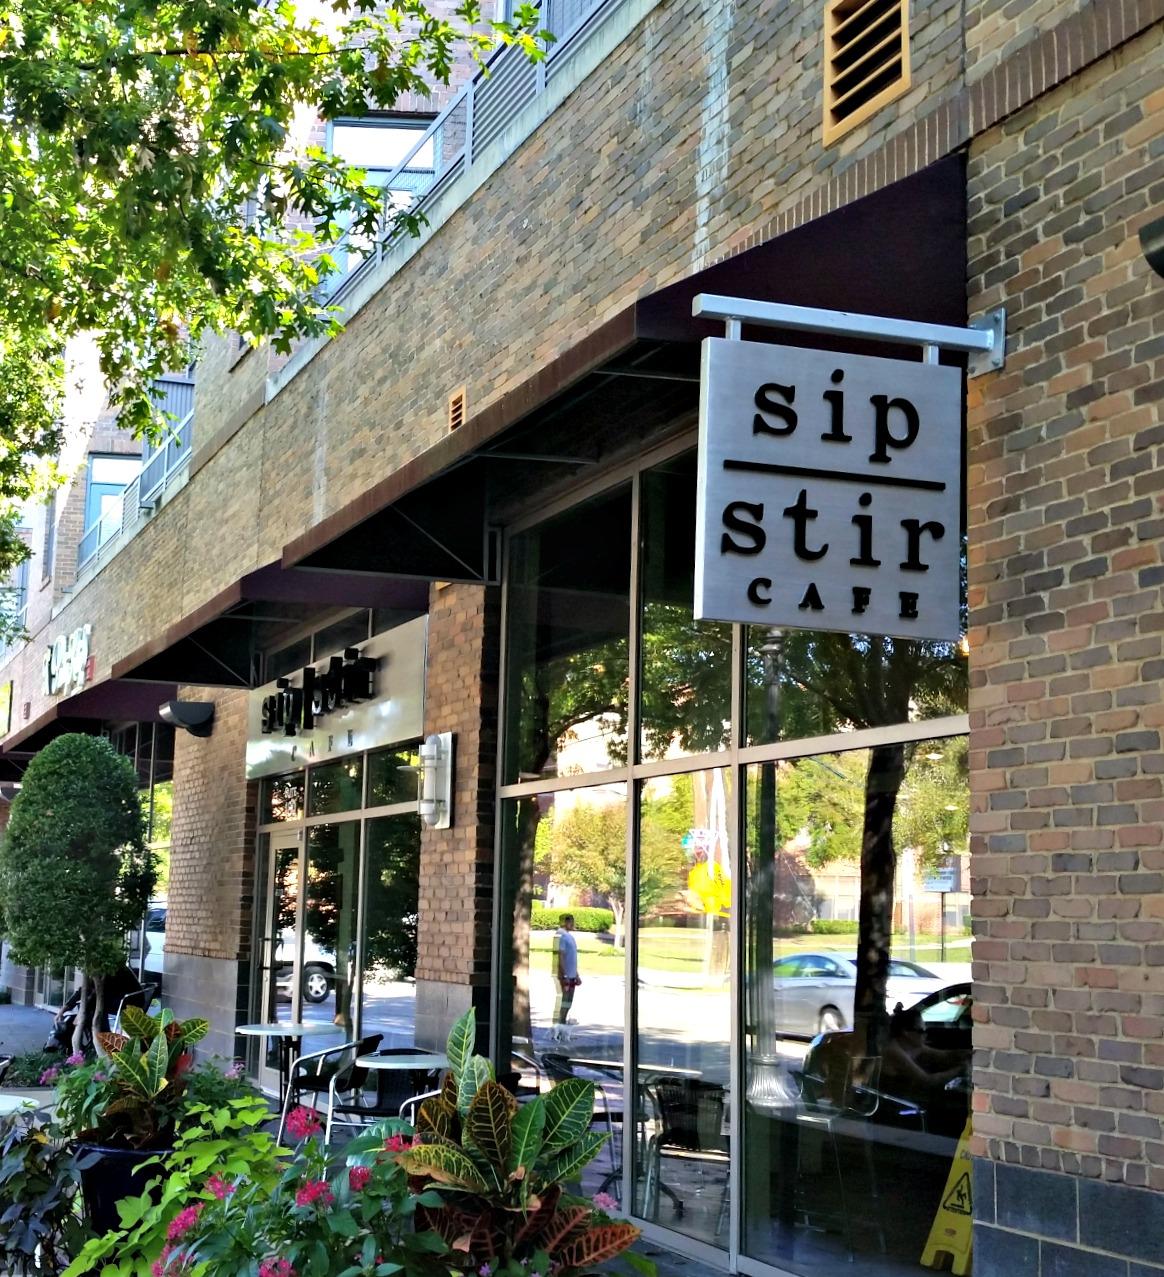 Sip Stir Cafe 1.0.jpg